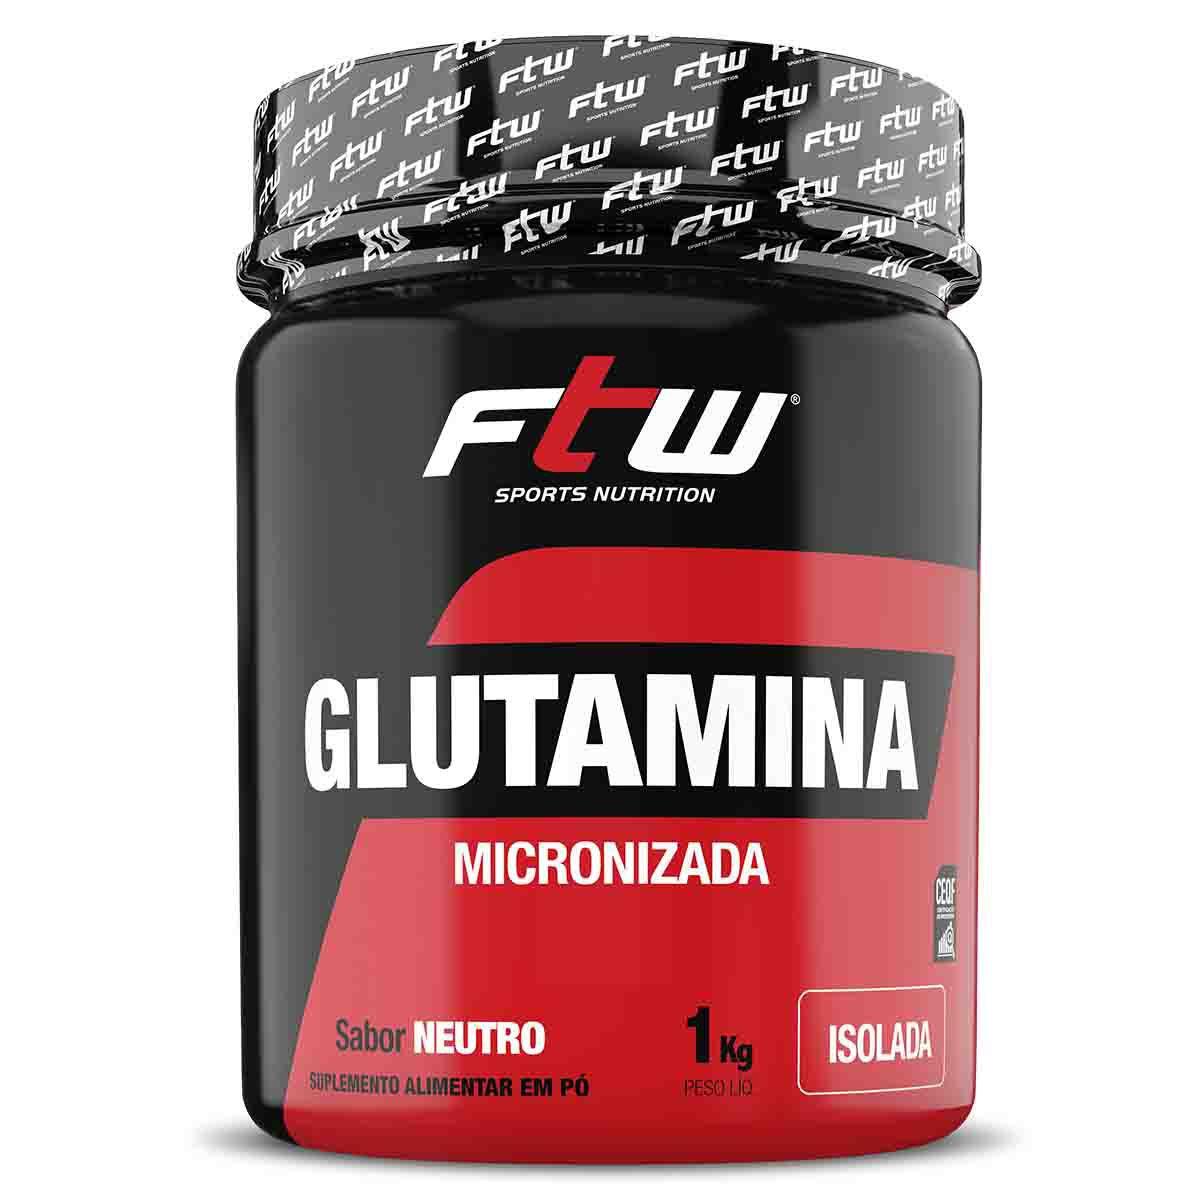 Glutamina 1kg - FTW